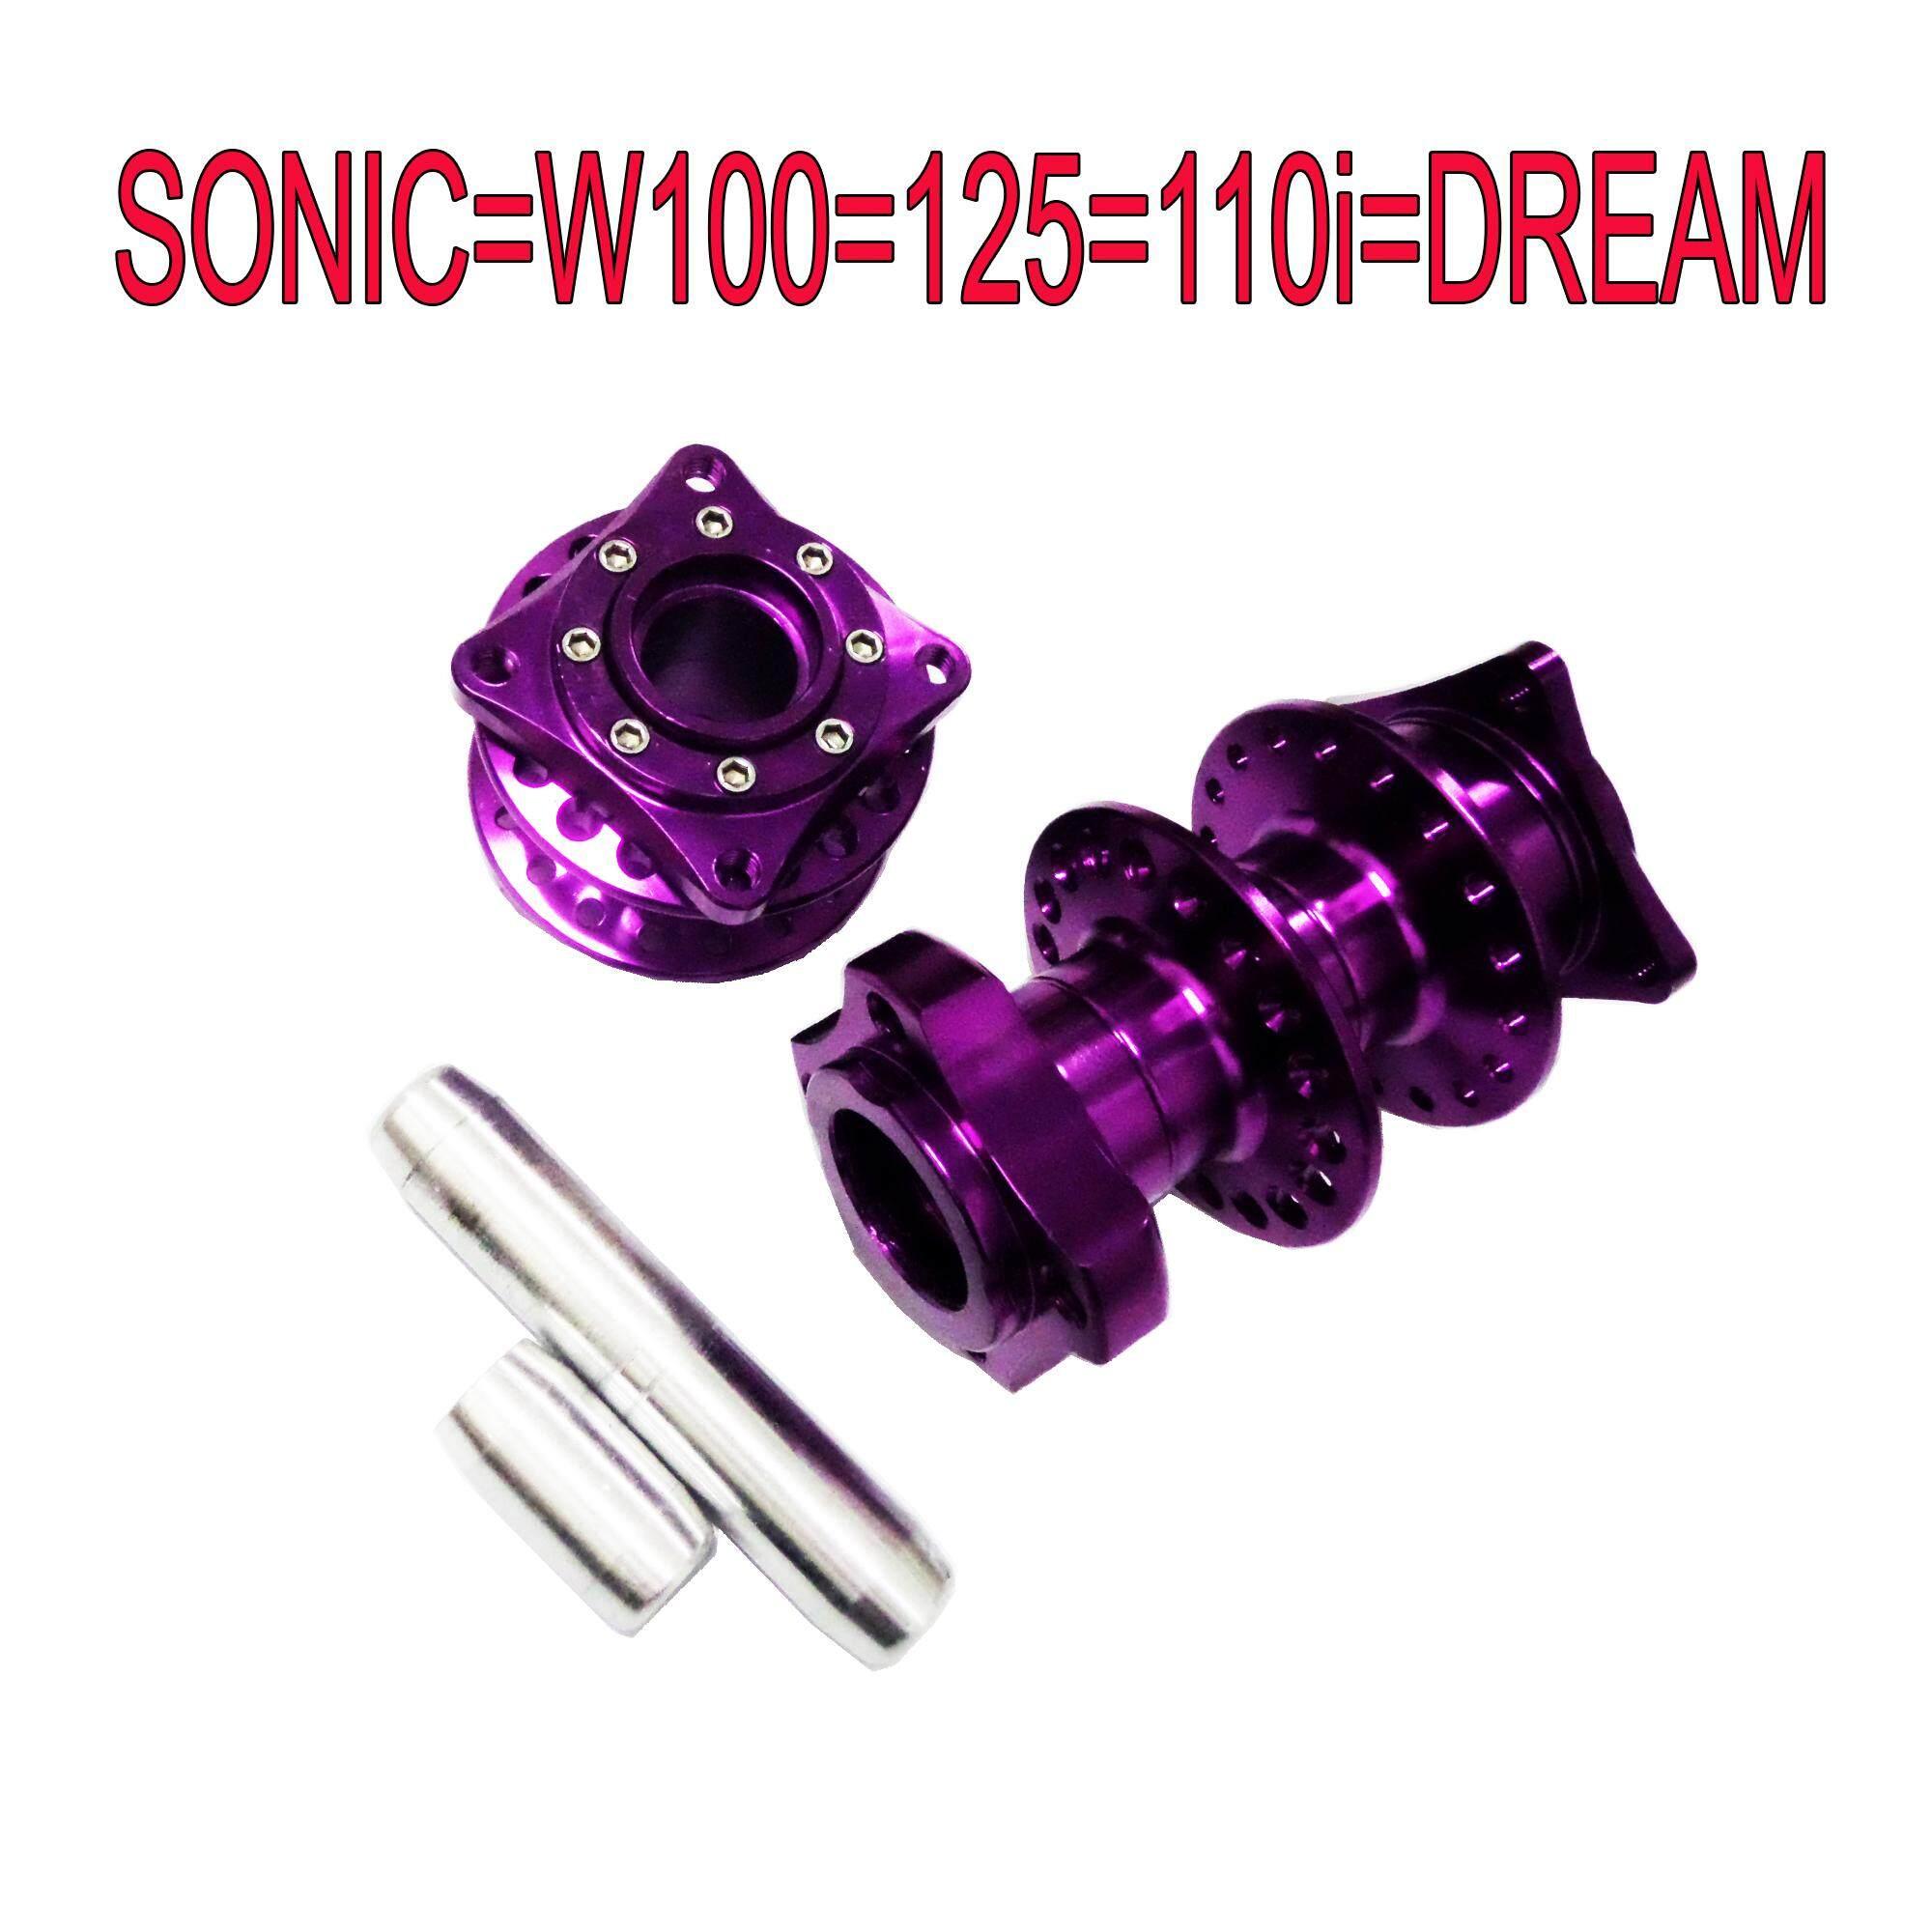 รีวิว ดุมย่อแต่งงาน CNC 2ชั้น แท้ BOUSHI ดิสหน้า+ดิสหลัง สำหรับ HONDA-SONIC=W100=125=110i=DREAM SUPERCUP สีม่วง งานสุดเทพ